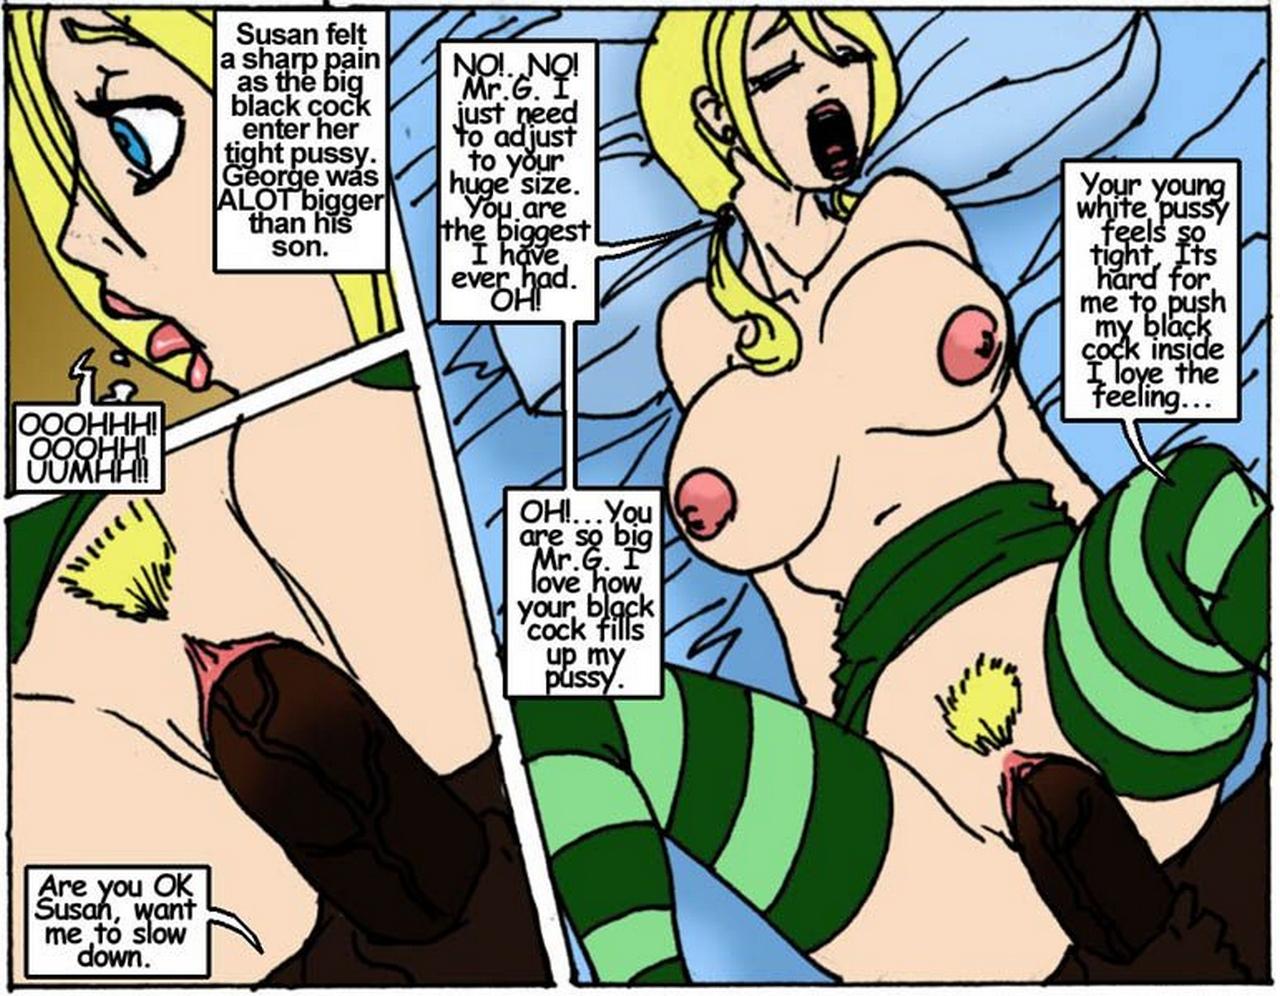 Son\'s Hot Litlle Blonde - part 2